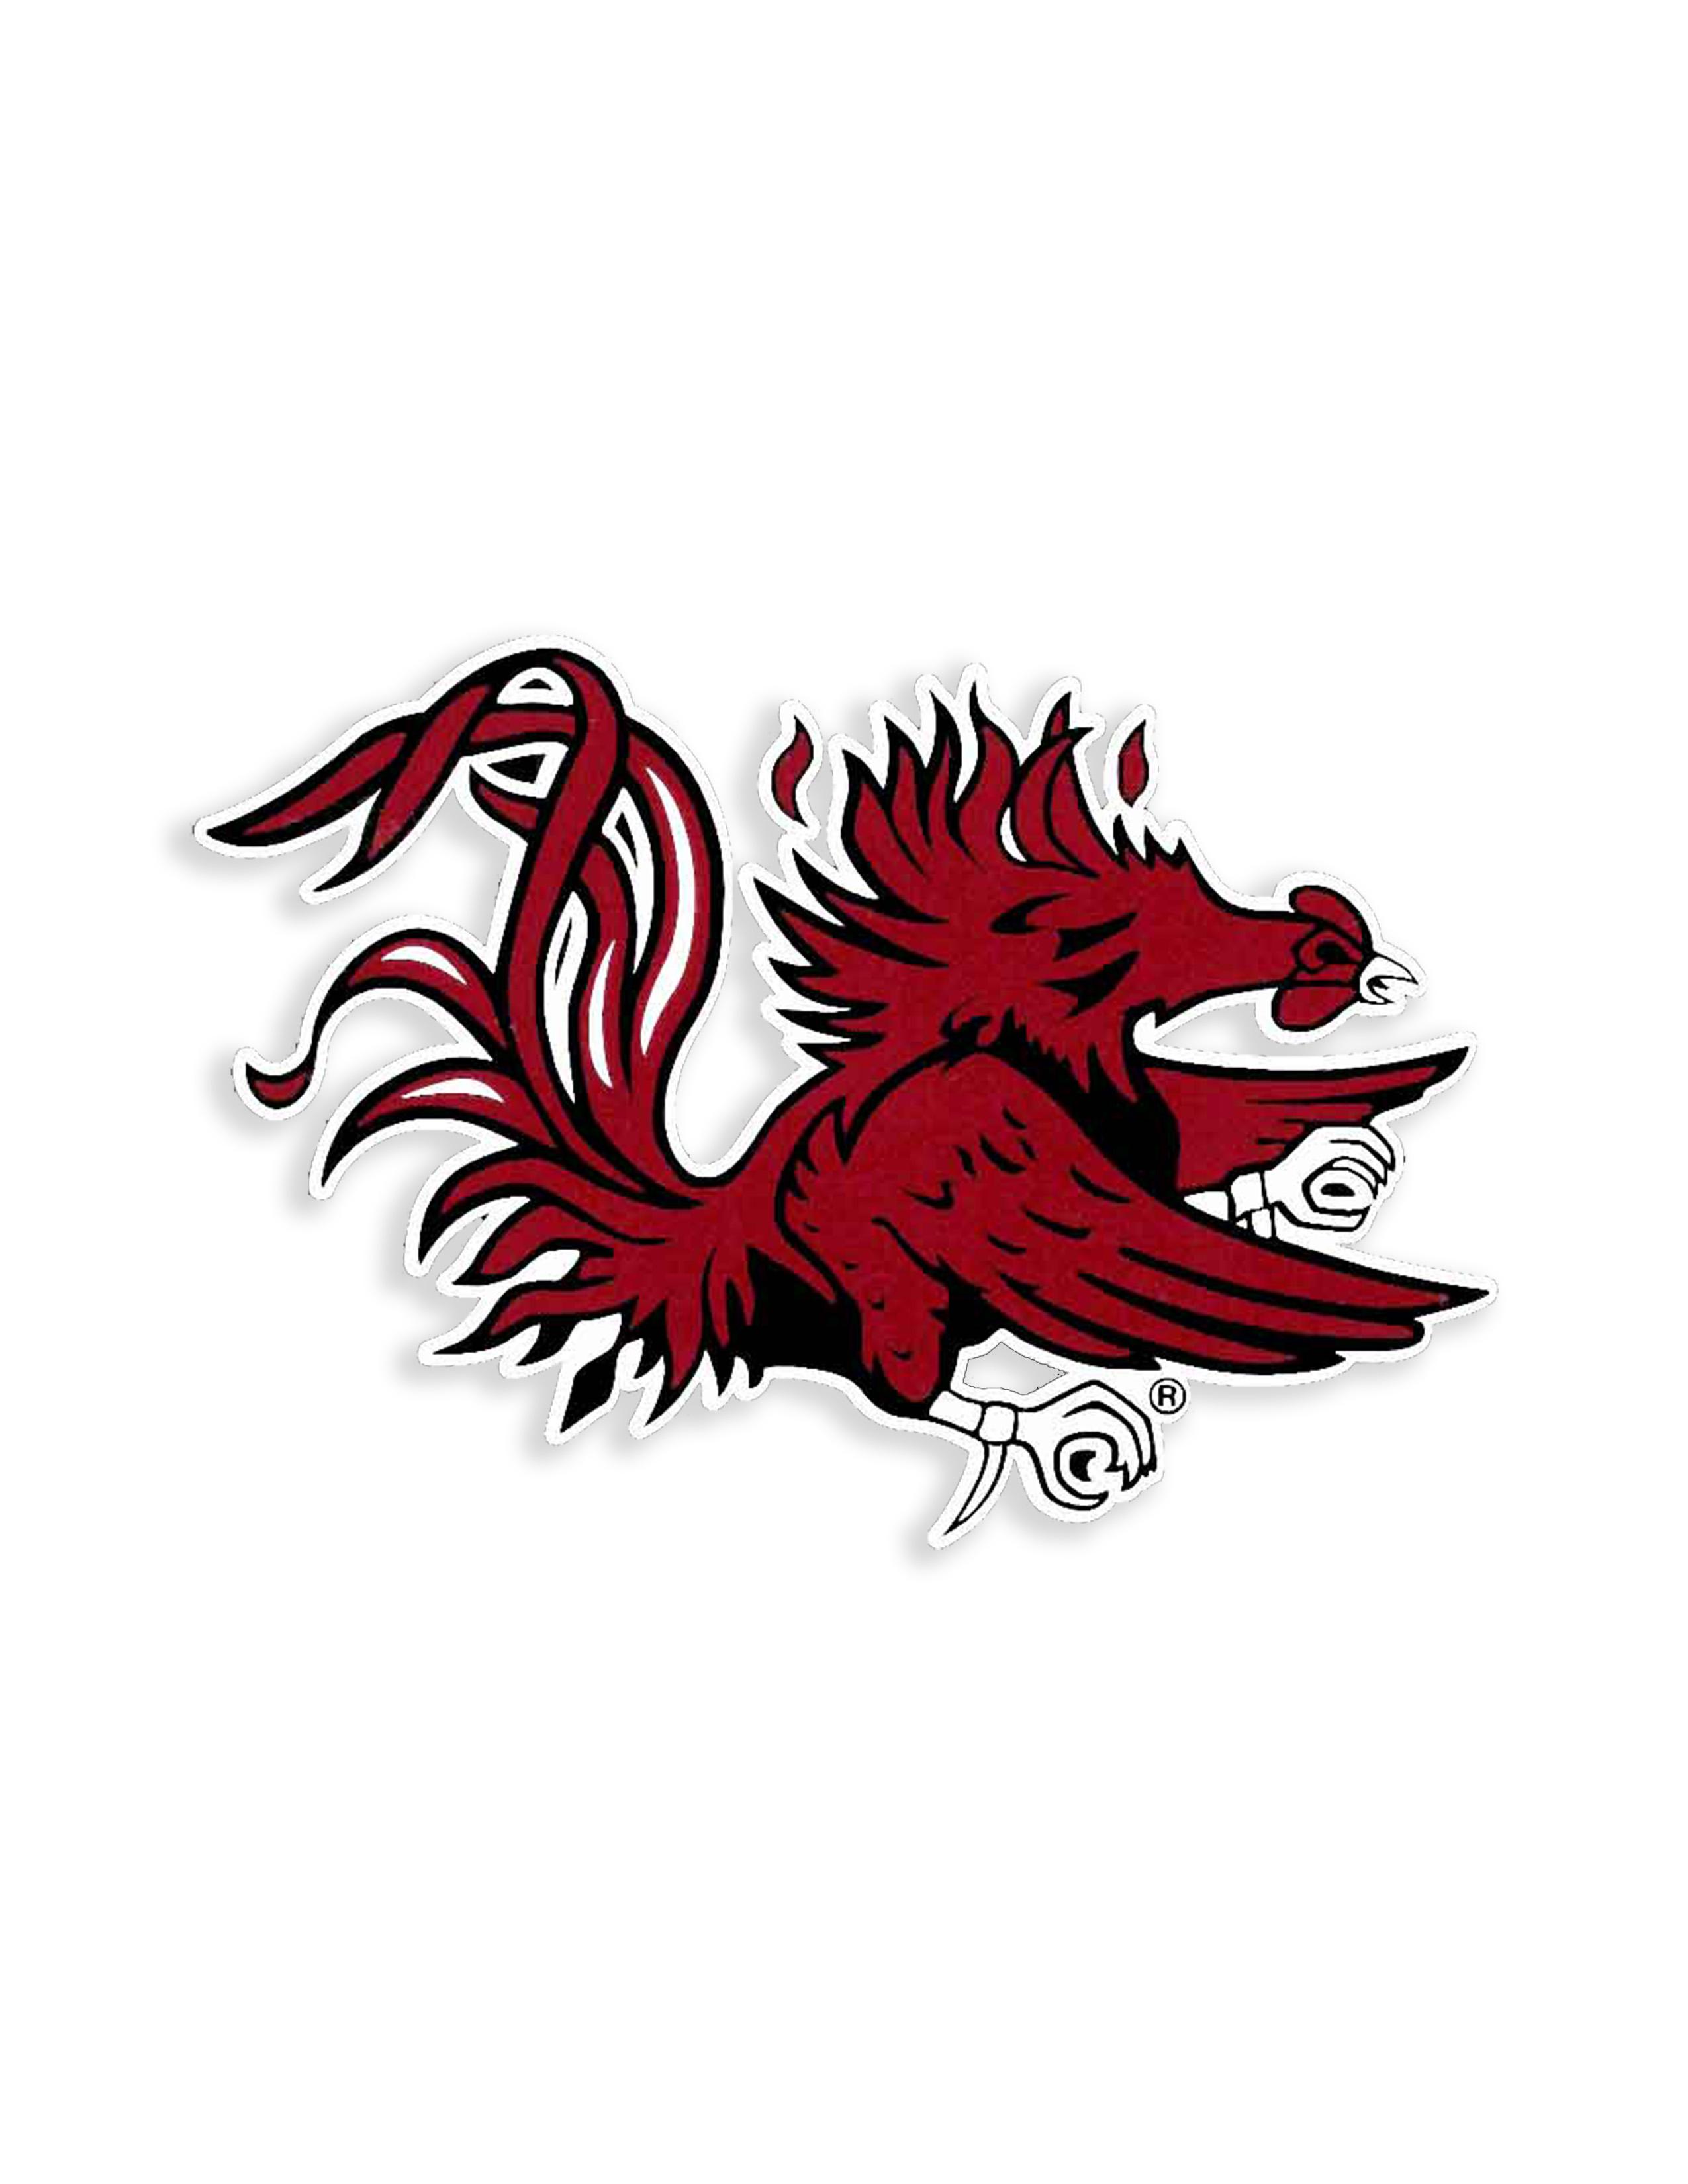 USC Gamecock Logo Decal.